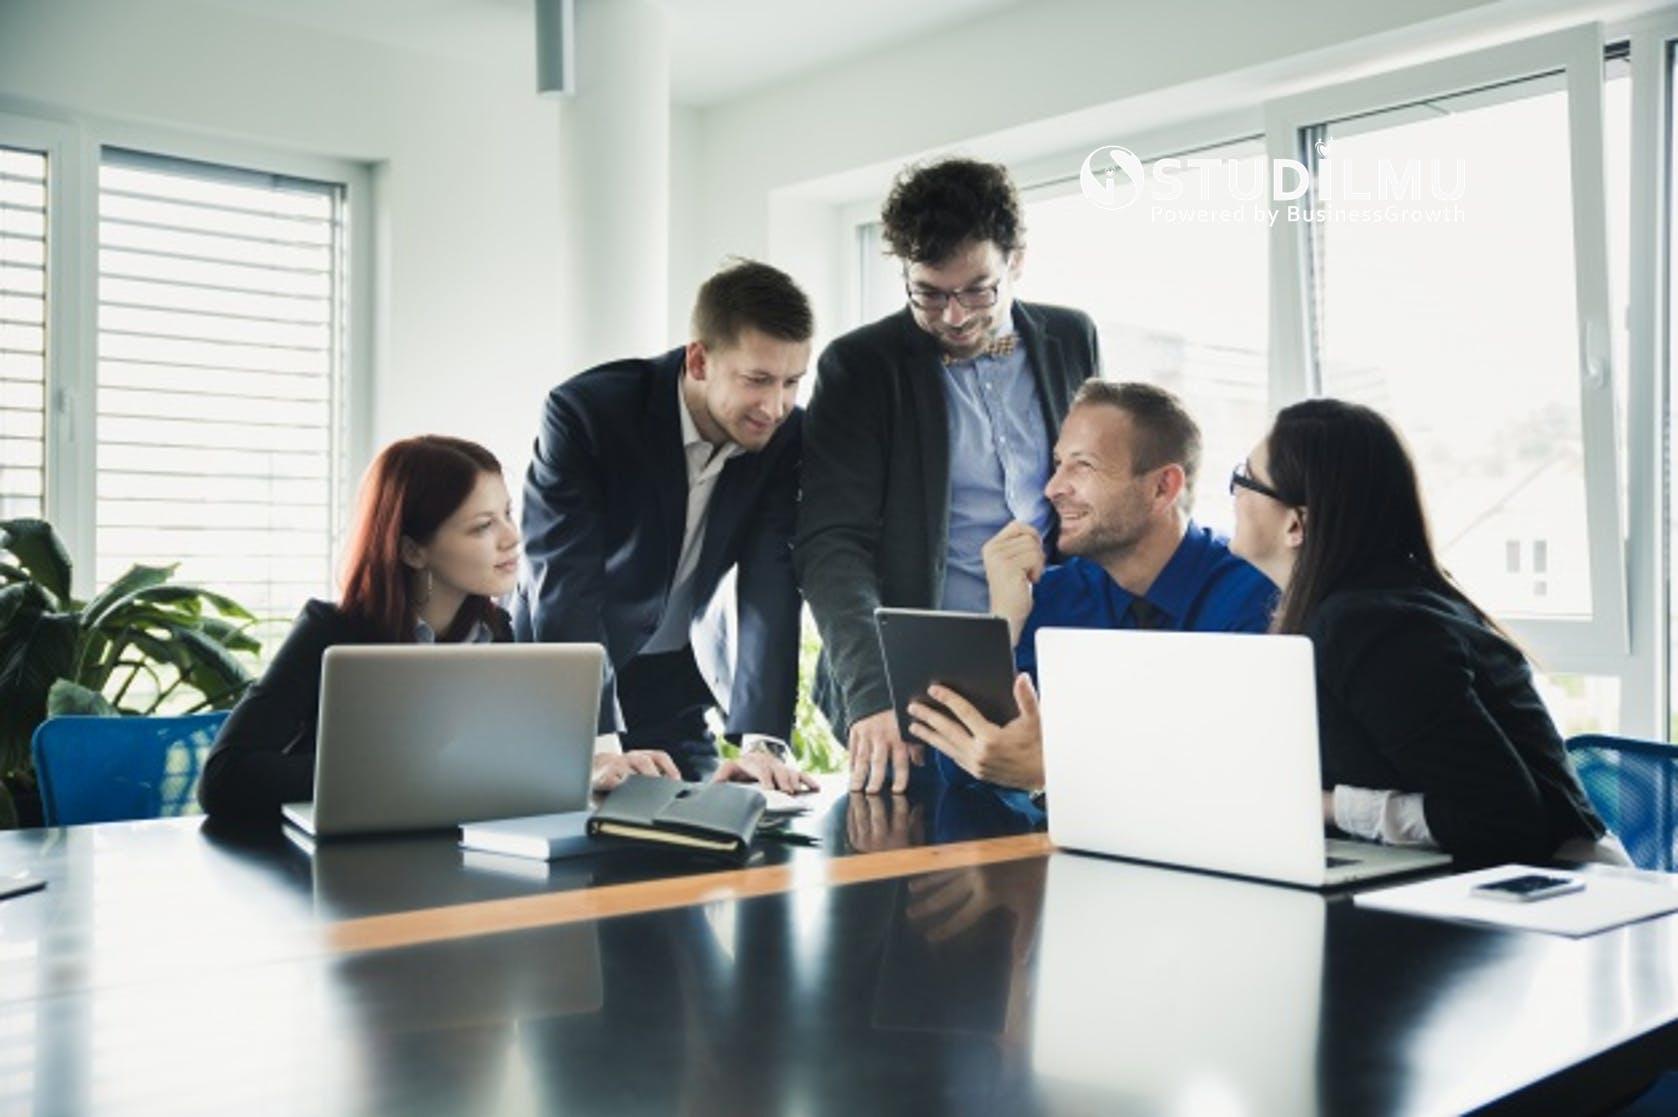 STUDILMU Career Advice - Pertemanan adalah Hal yang Bermanfaat di Tempat Kerja